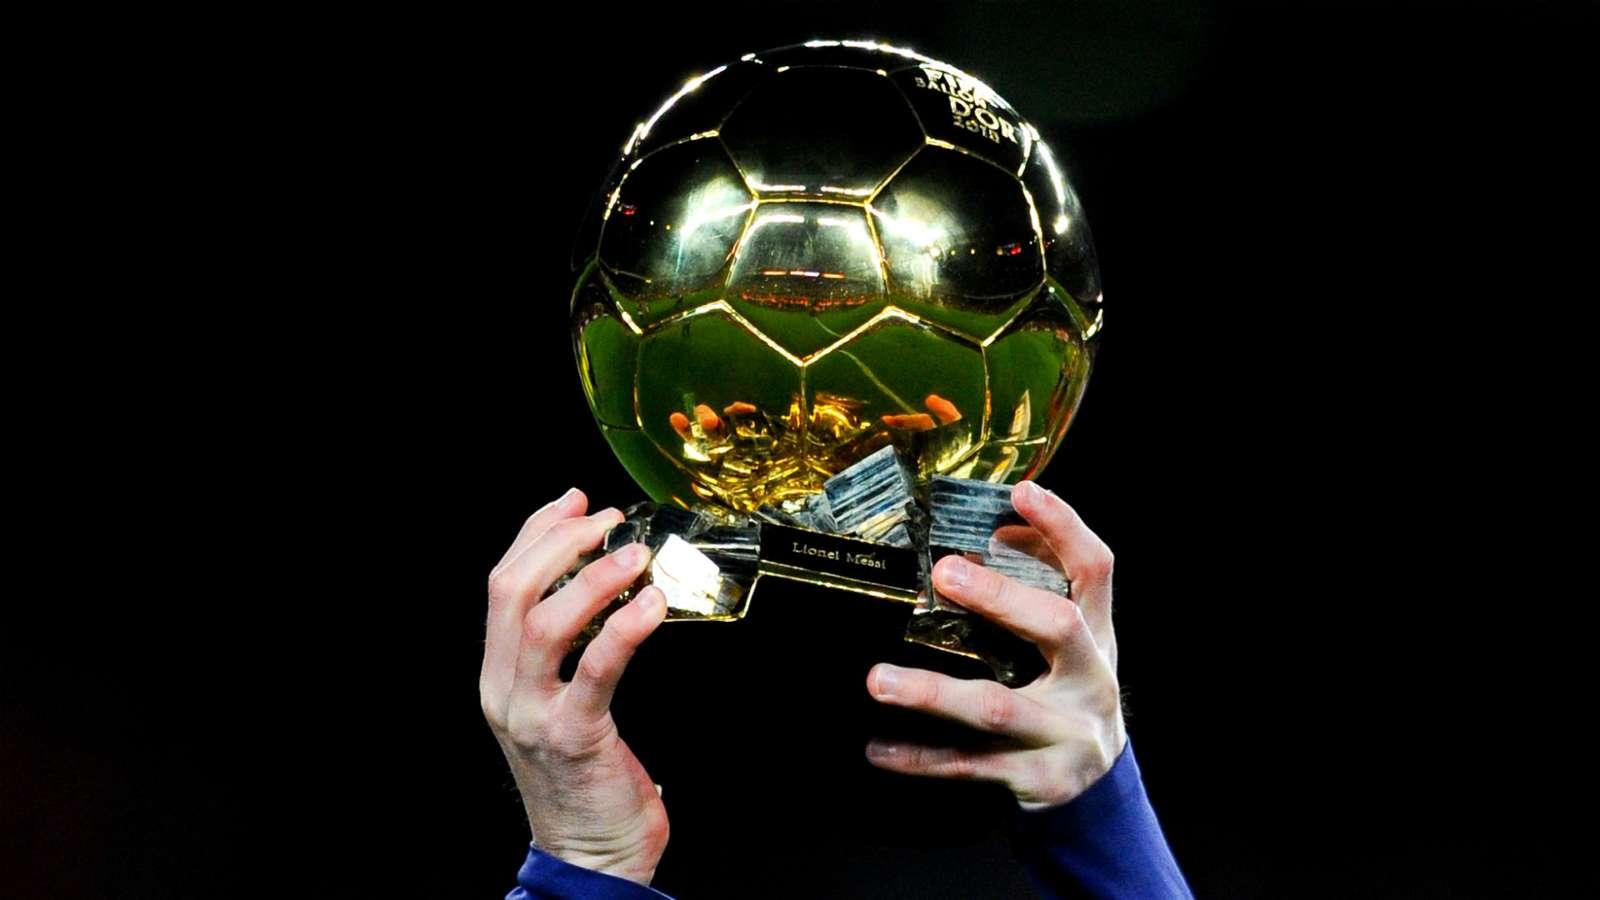 لمن تذهب الكرة الذهبية هذا العالم ؟!